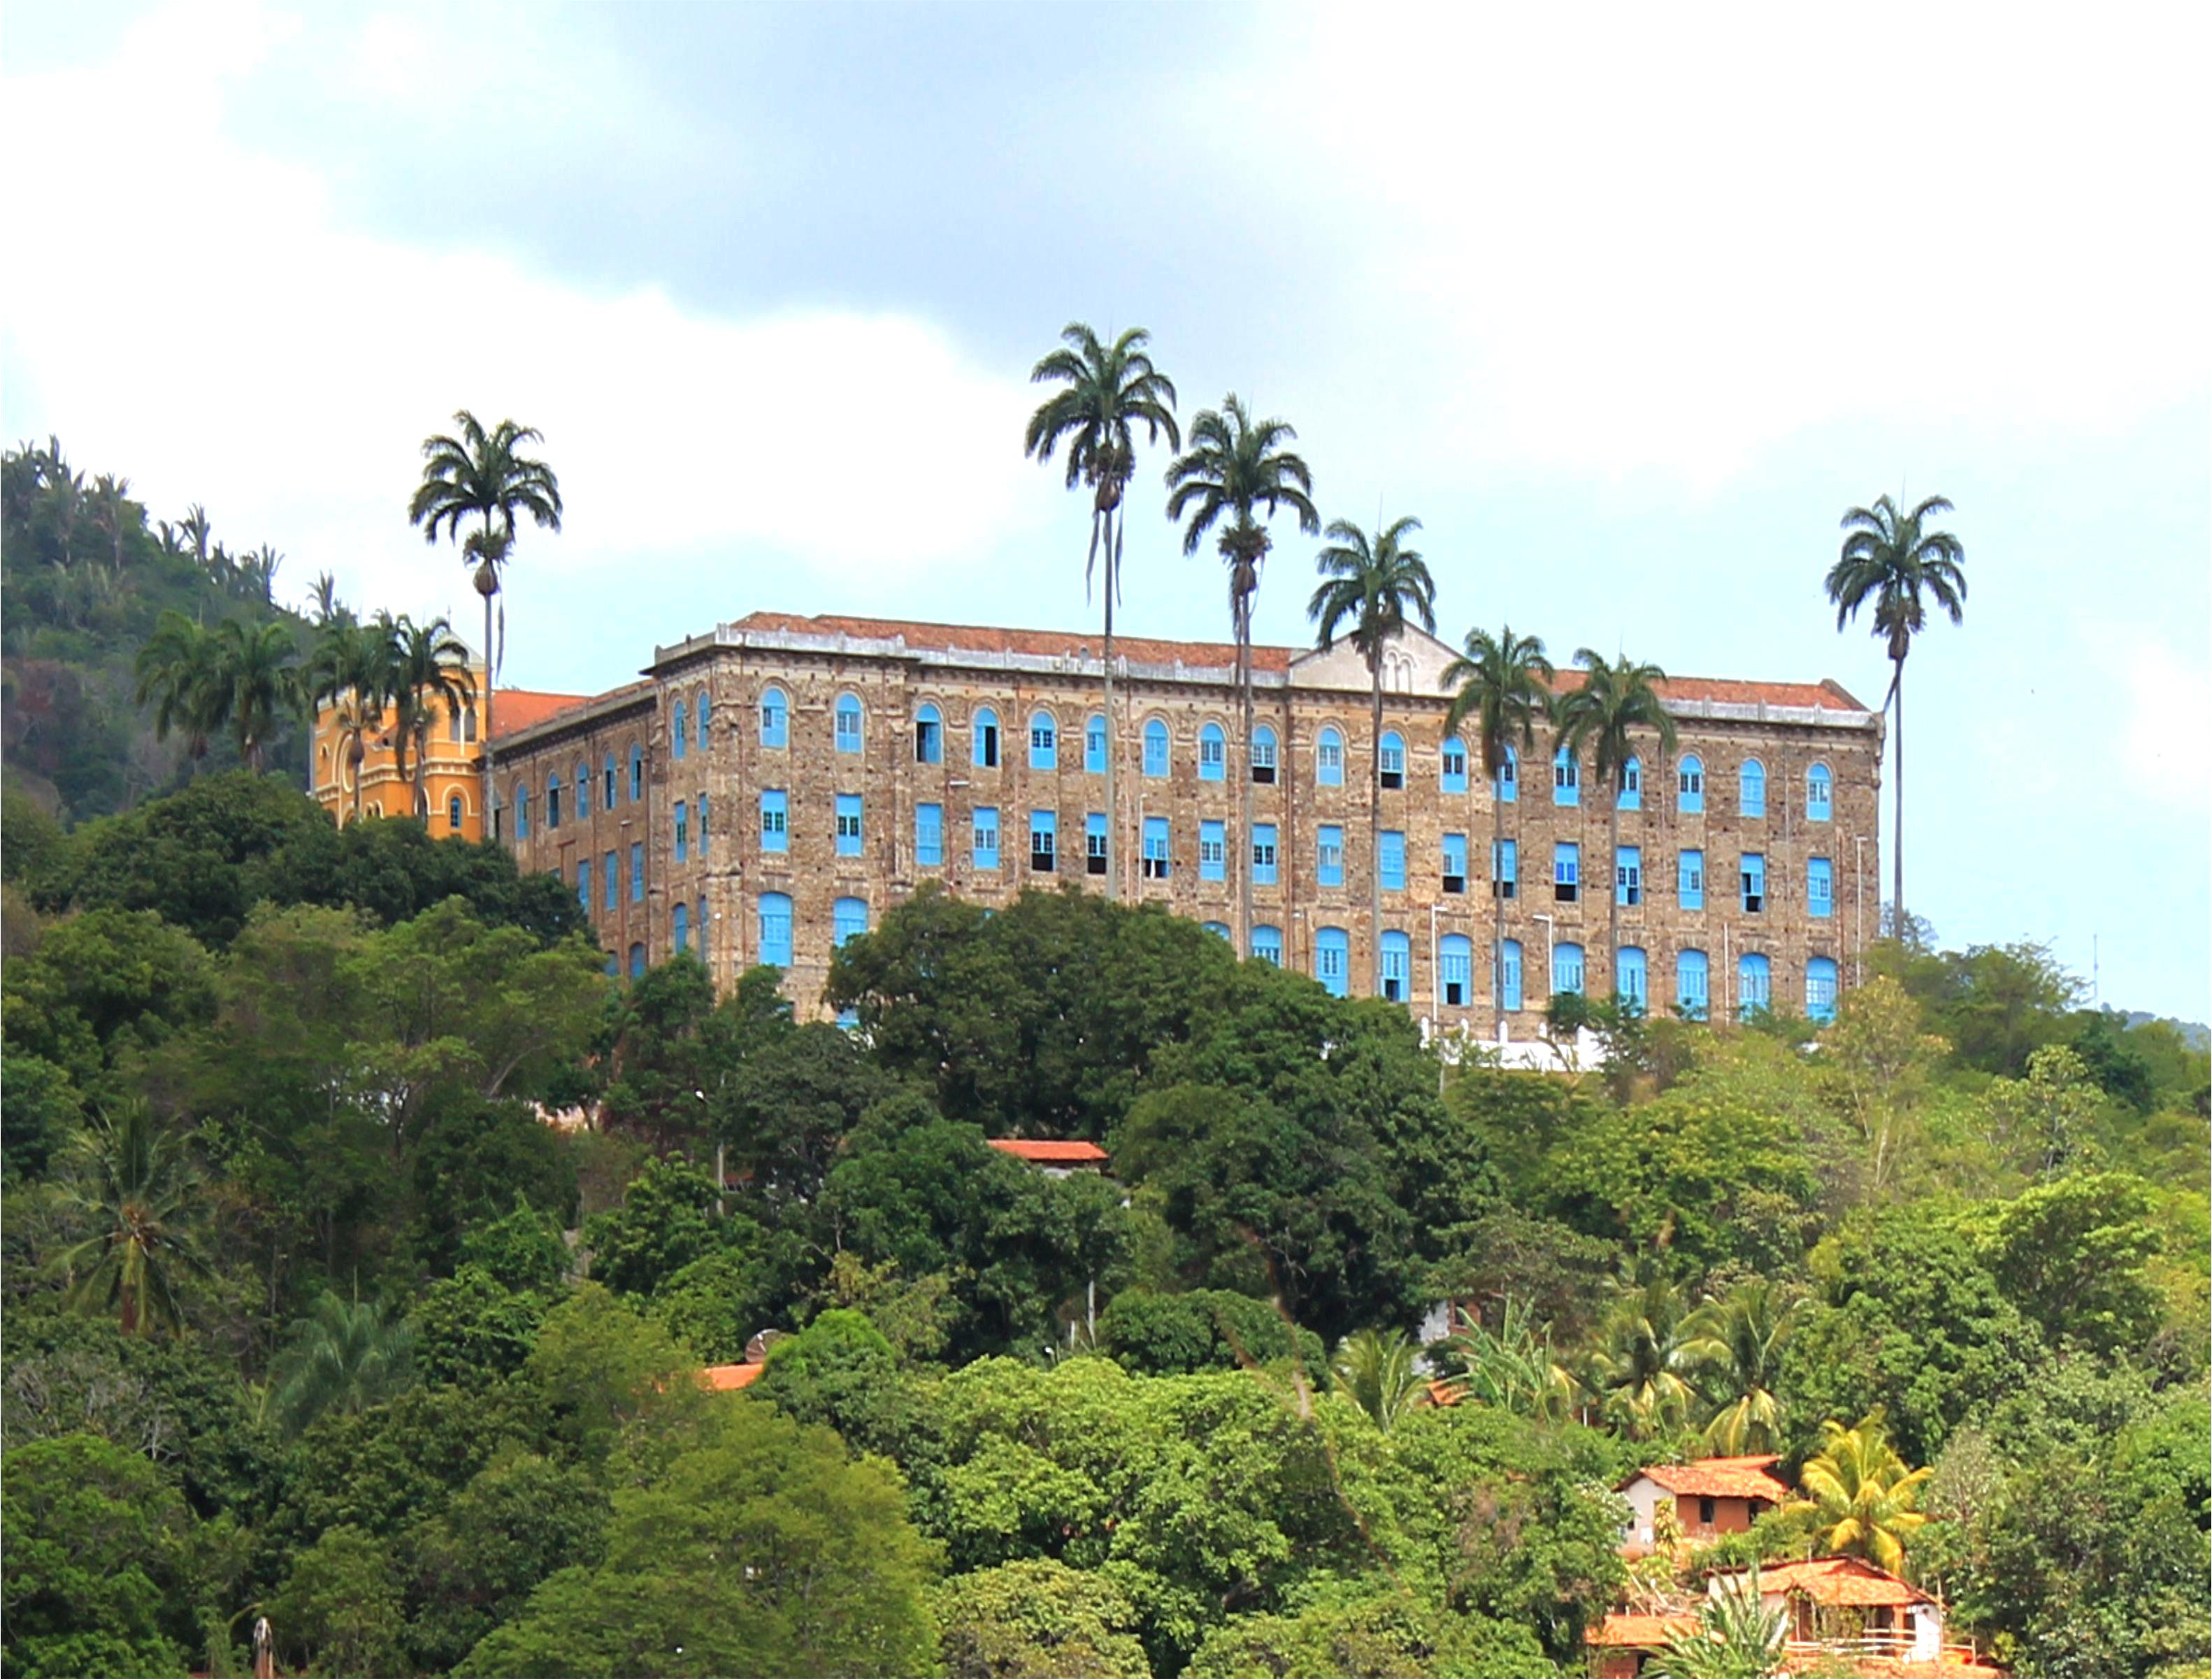 Baturité Ceará fonte: upload.wikimedia.org